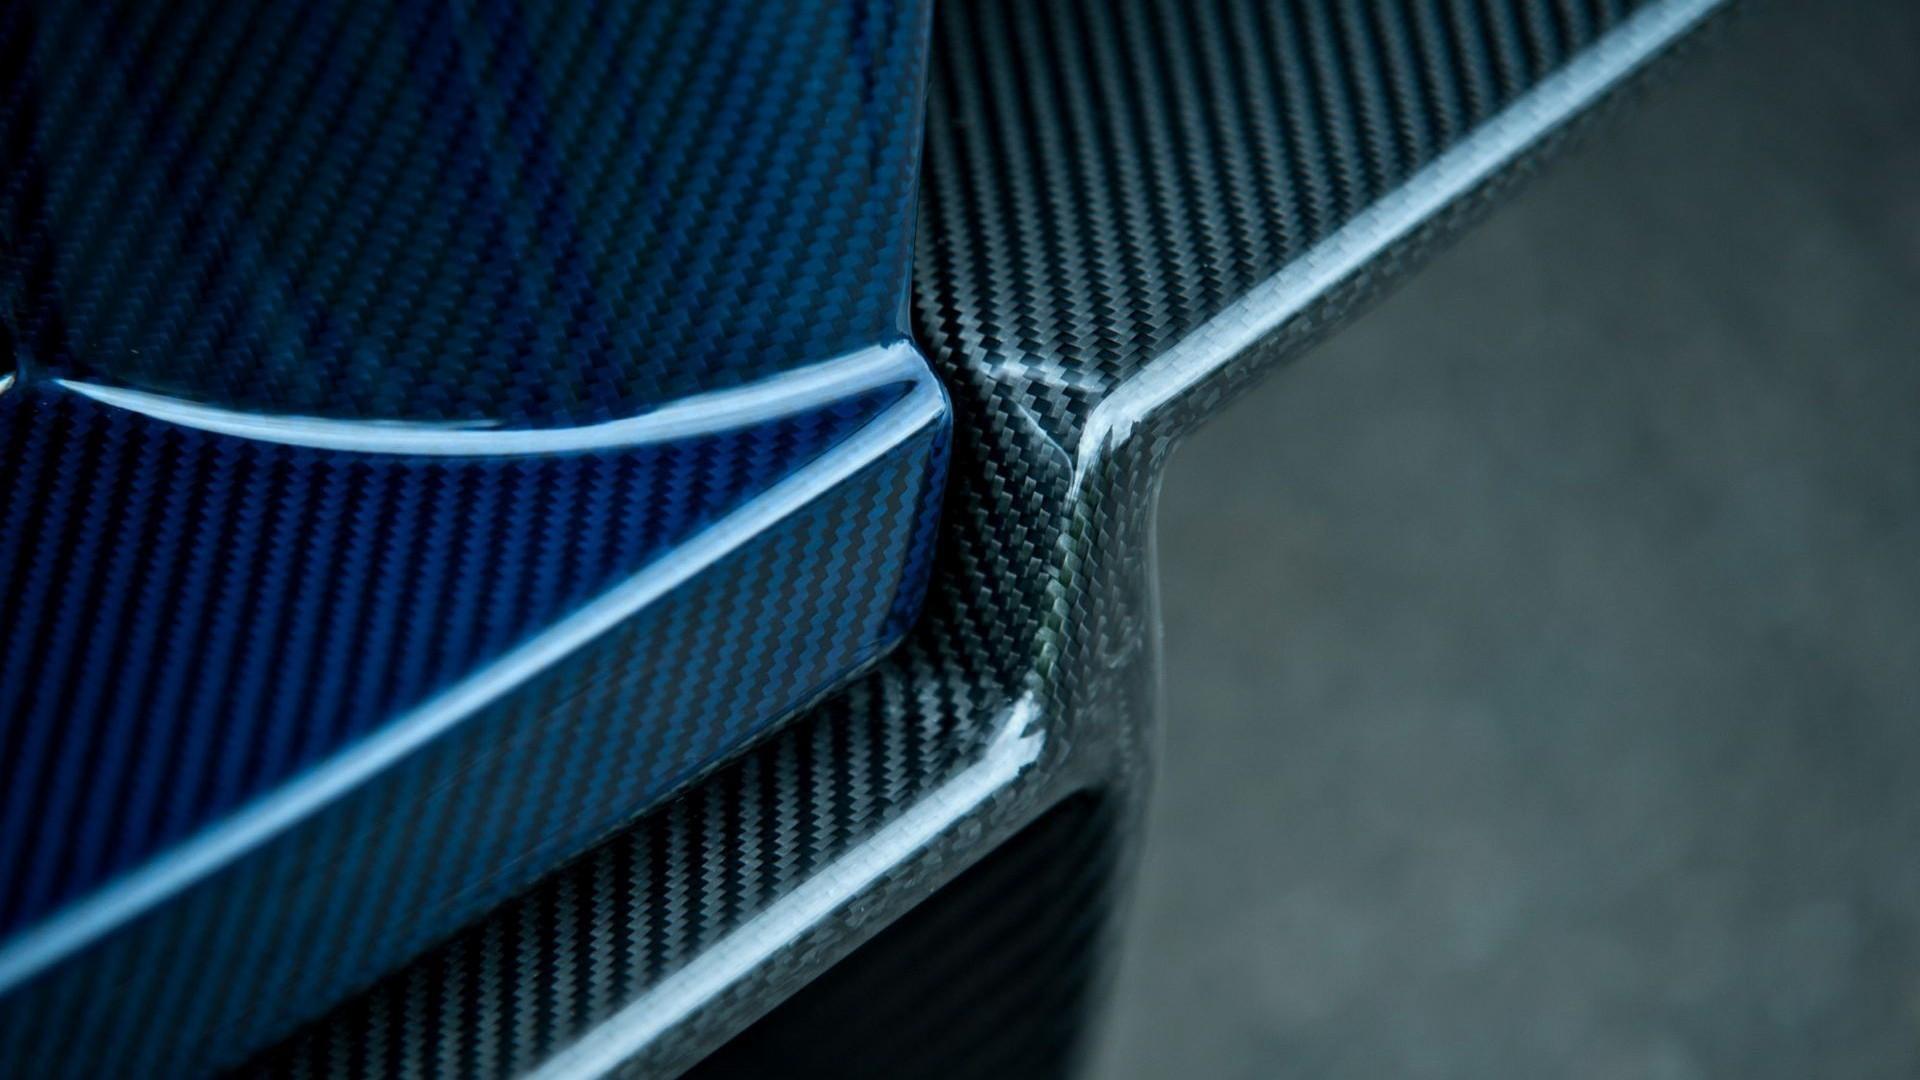 Zonda-audi-subaru-artwork-supercars-carbon-fiber-HD-